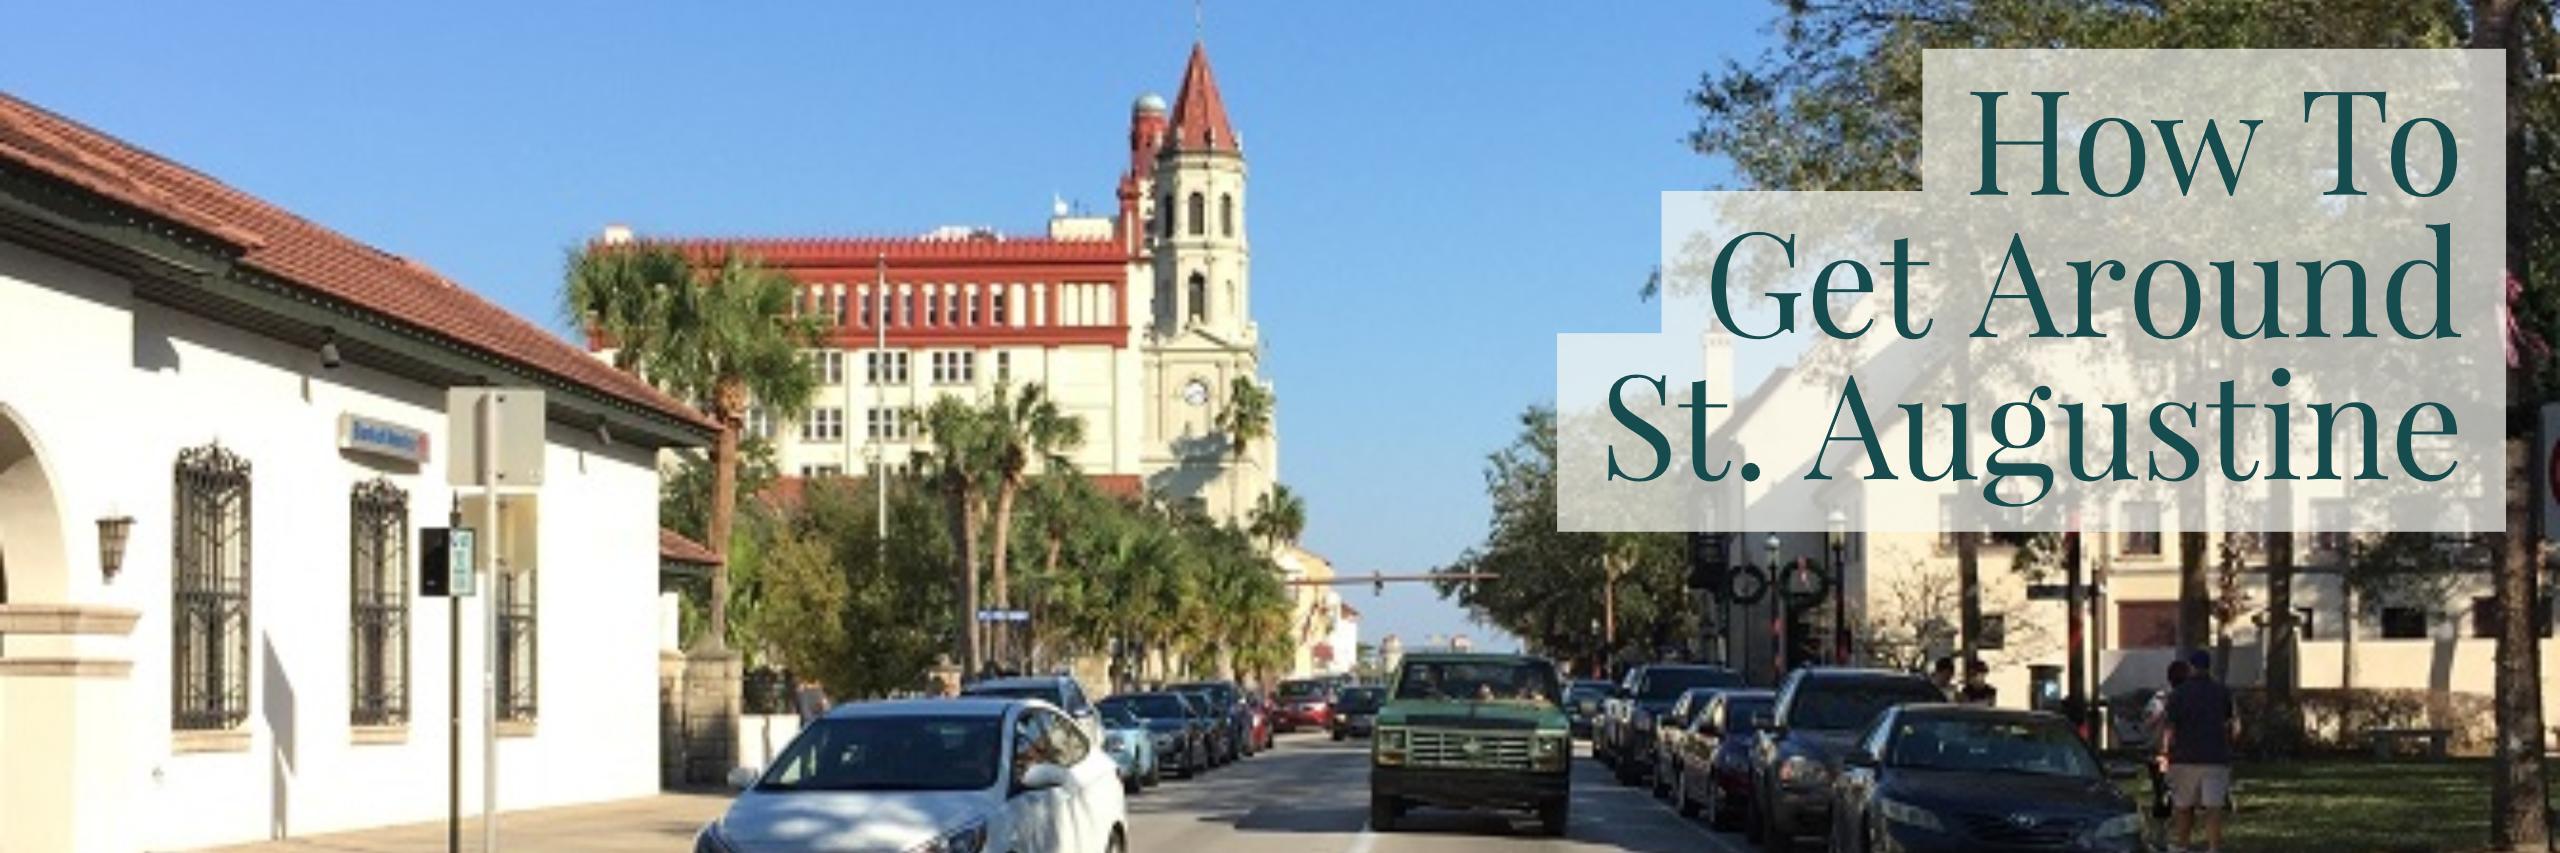 How To Get Around St  Augustine - St  Augustine, FL